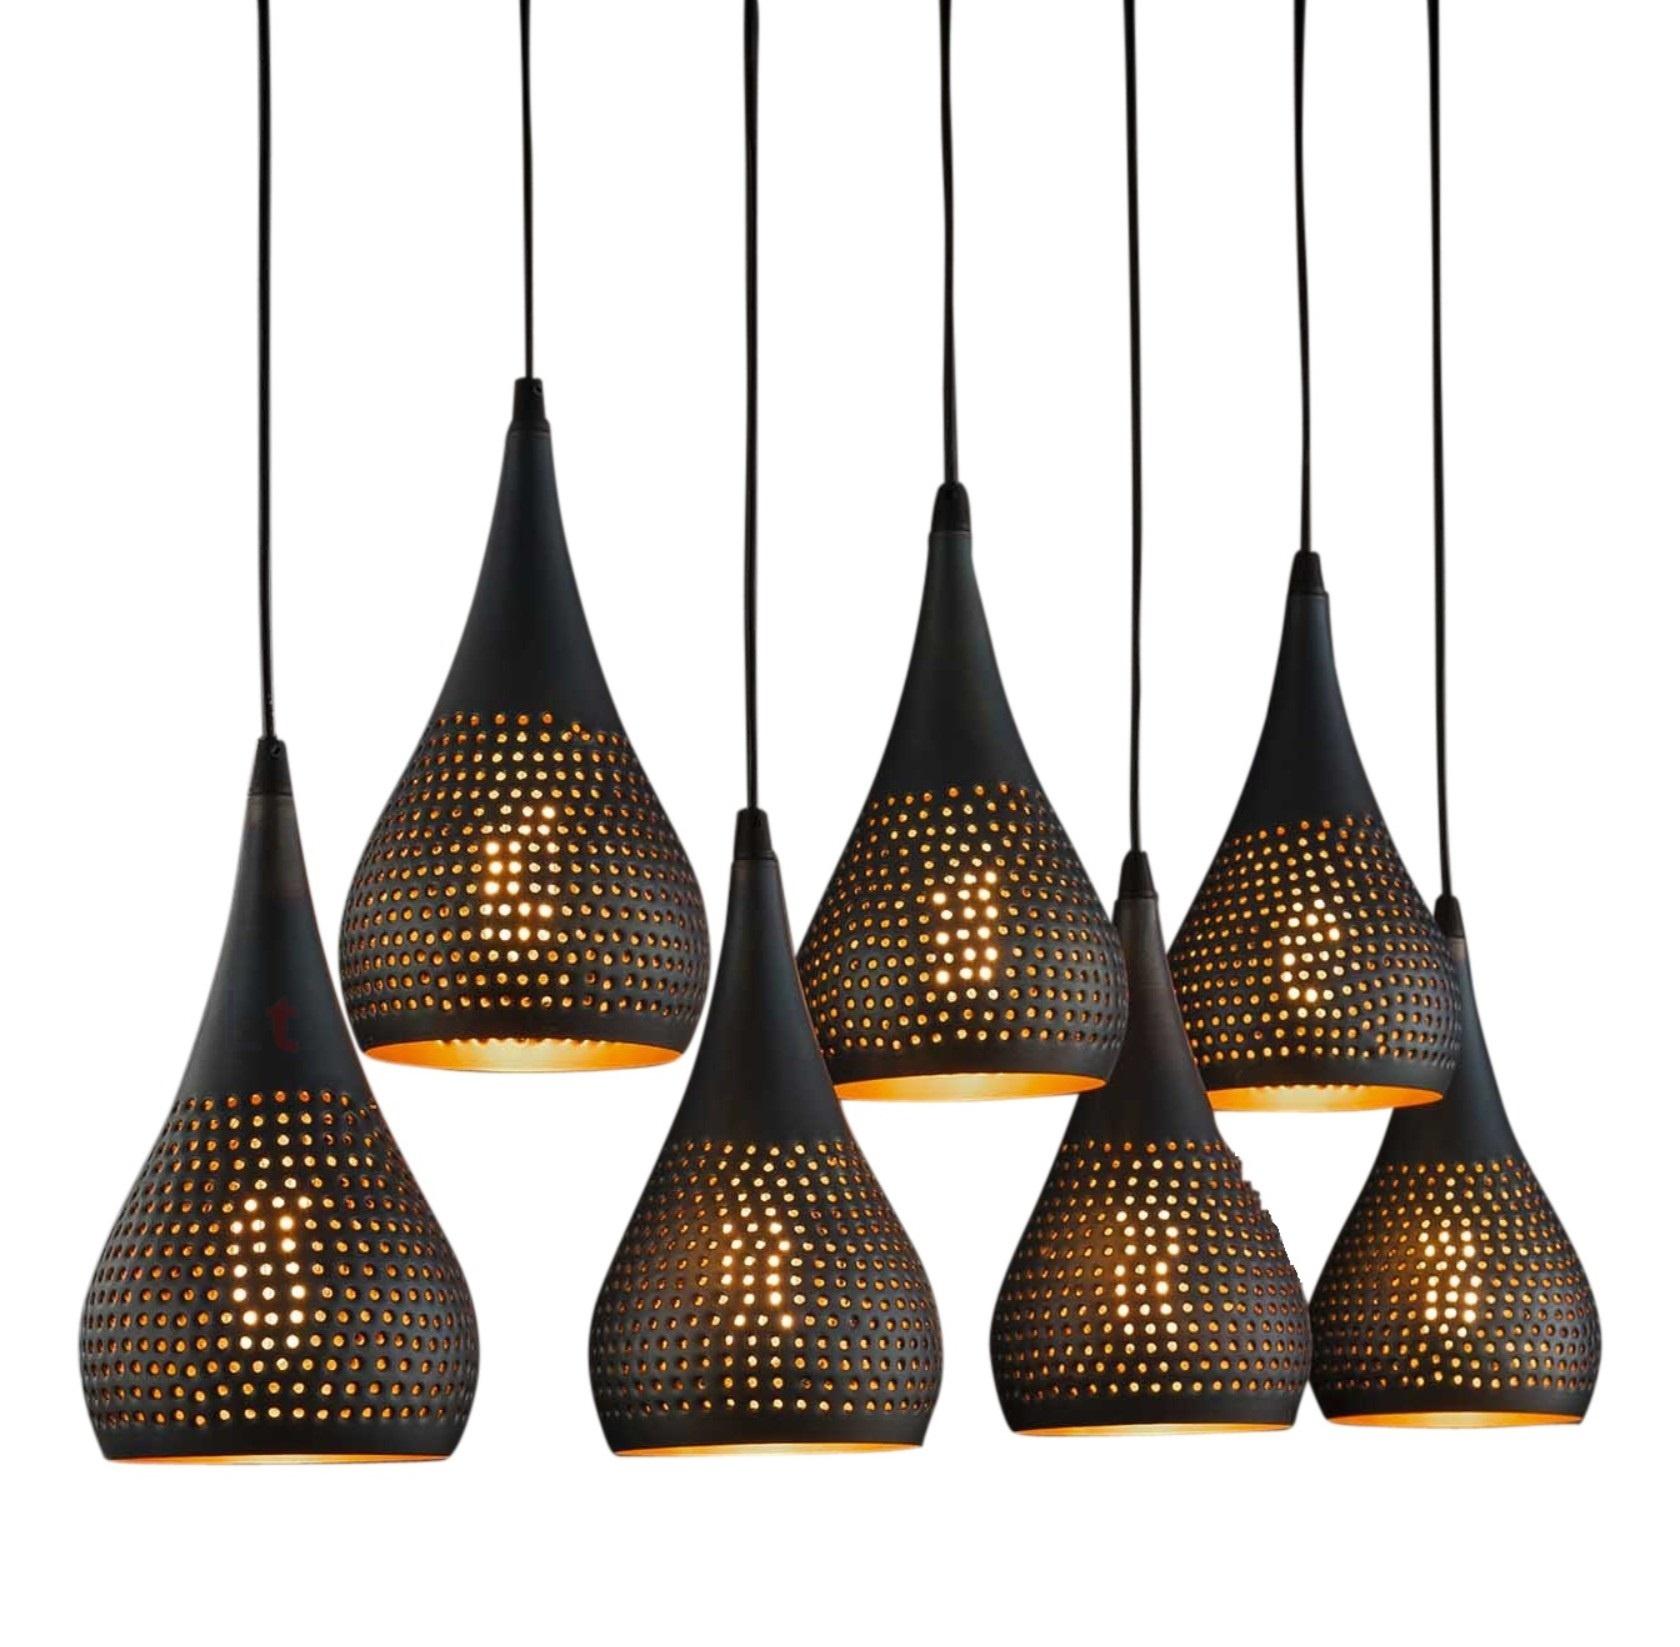 Hanglamp Kegel Vintage Black Brown 7 Lichts |  | 7061284277444